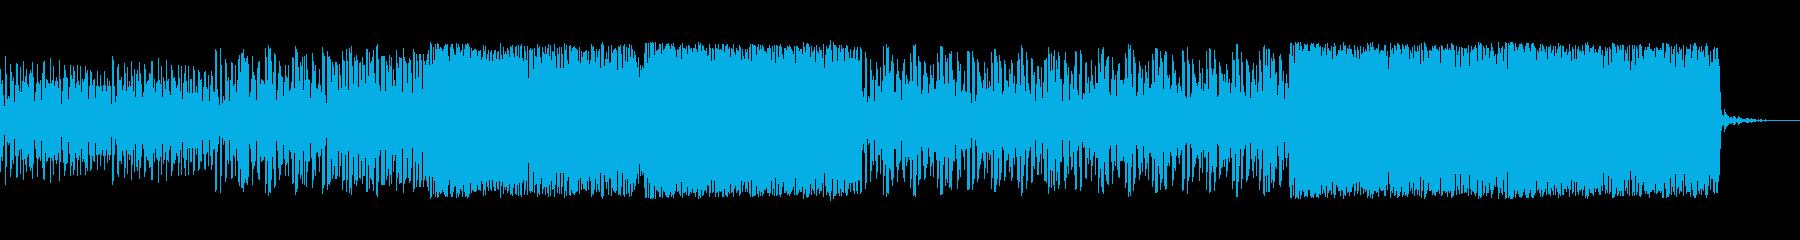 疾走感たっぷりのシンセ曲の再生済みの波形